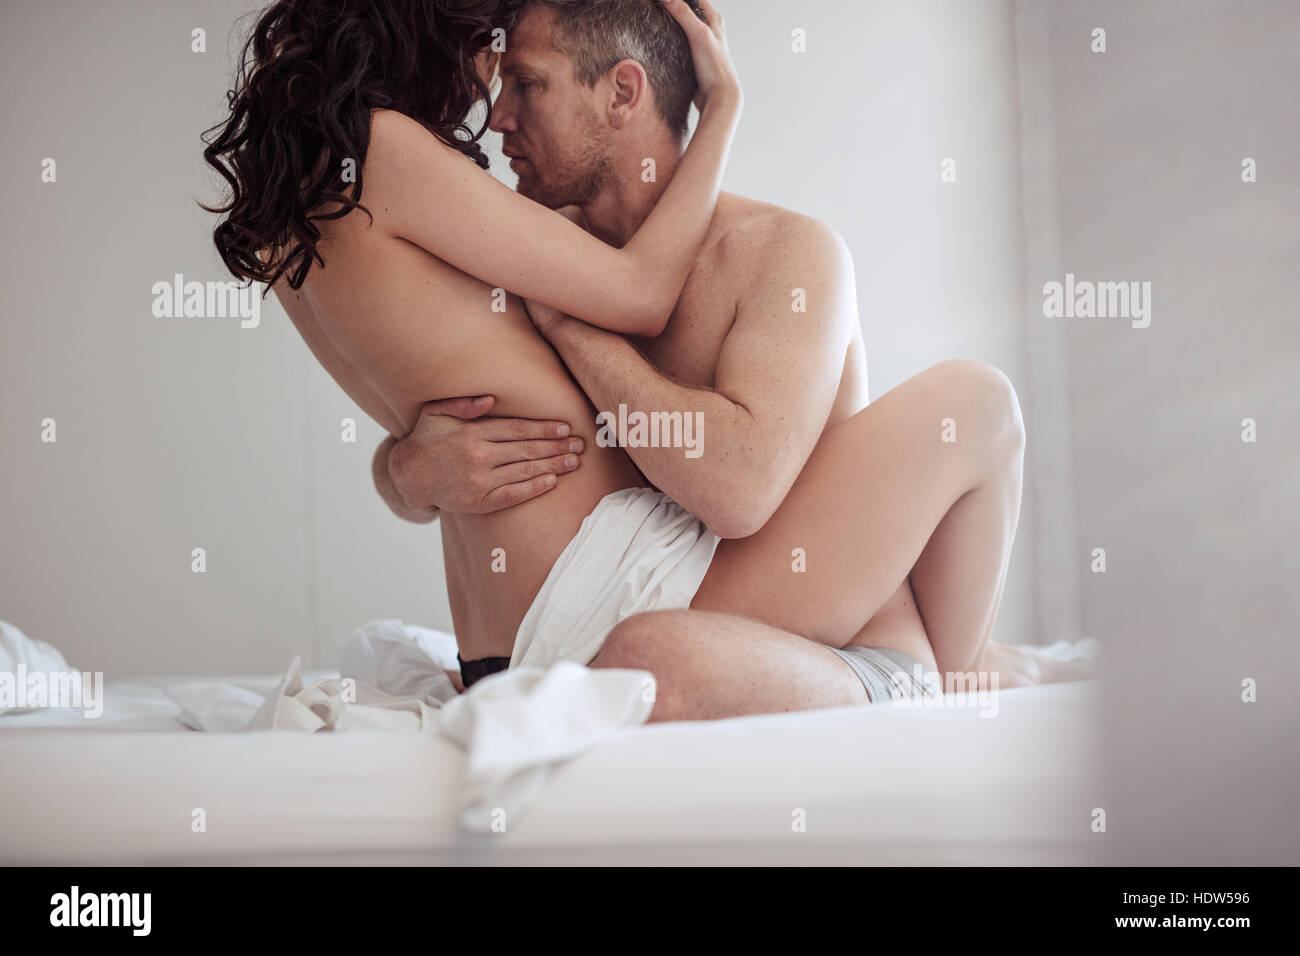 jeunes couples sexe films énormes images de coq